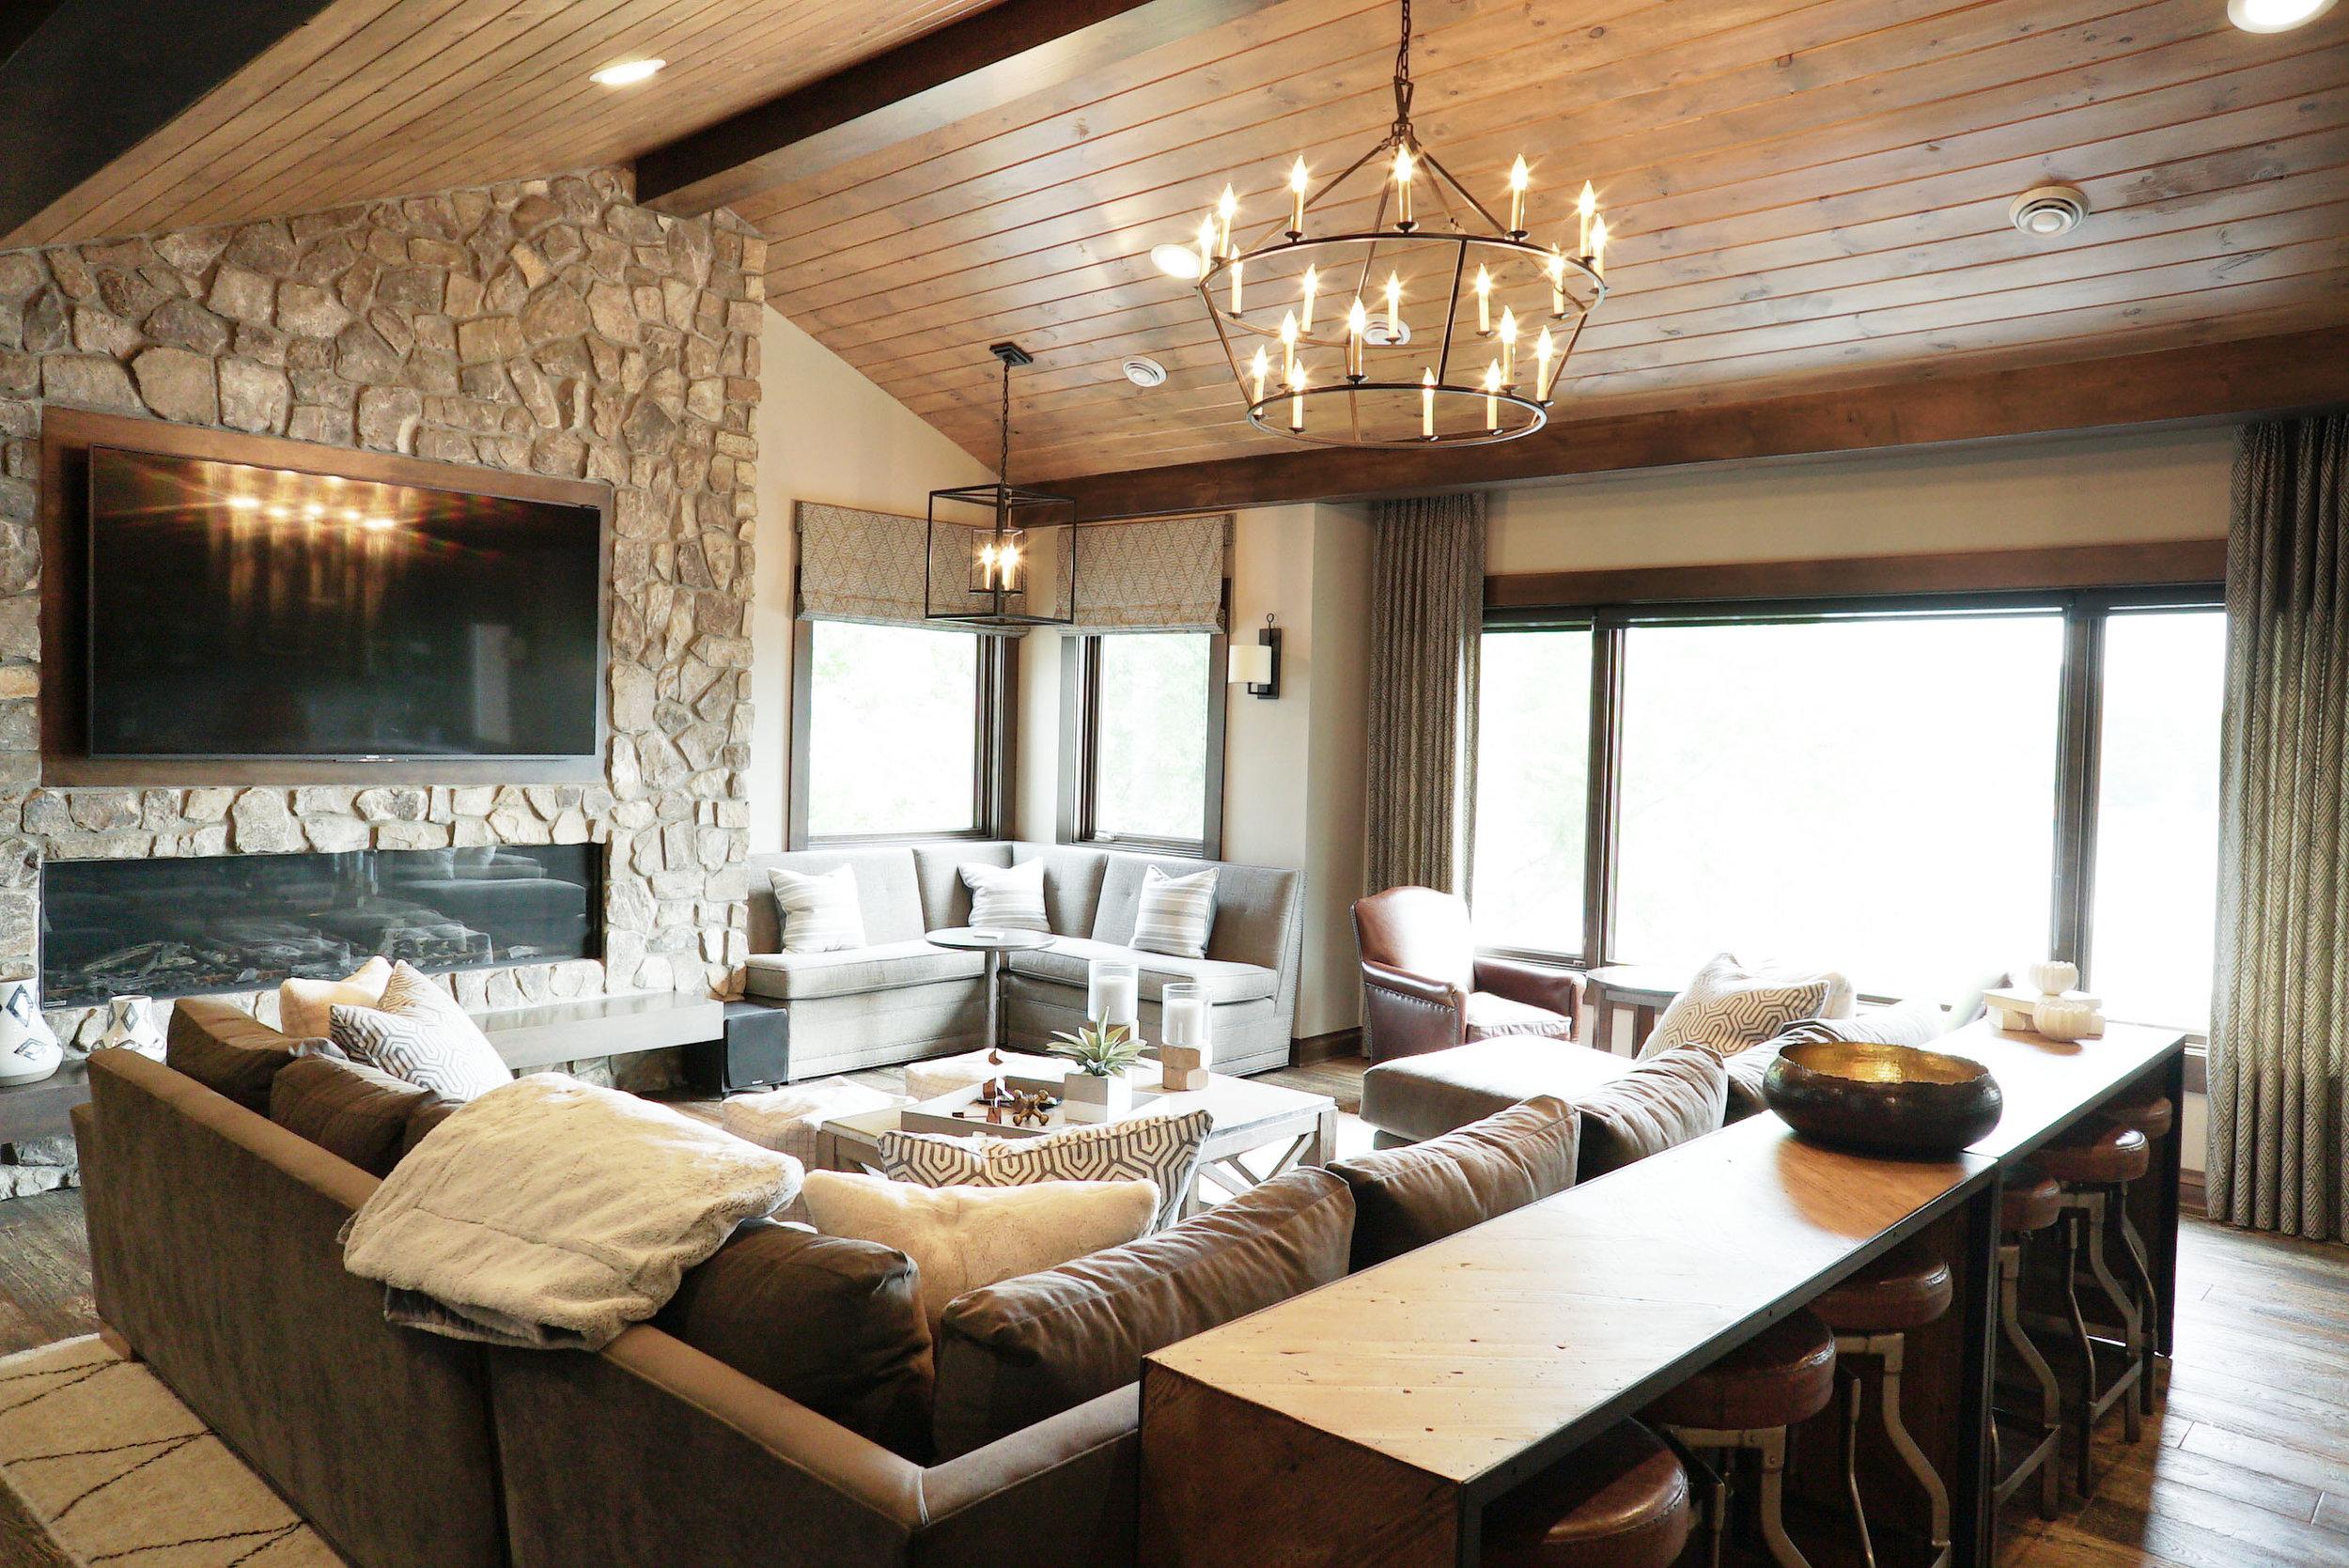 Living_room_fireplace_TV_DSC06571.jpg